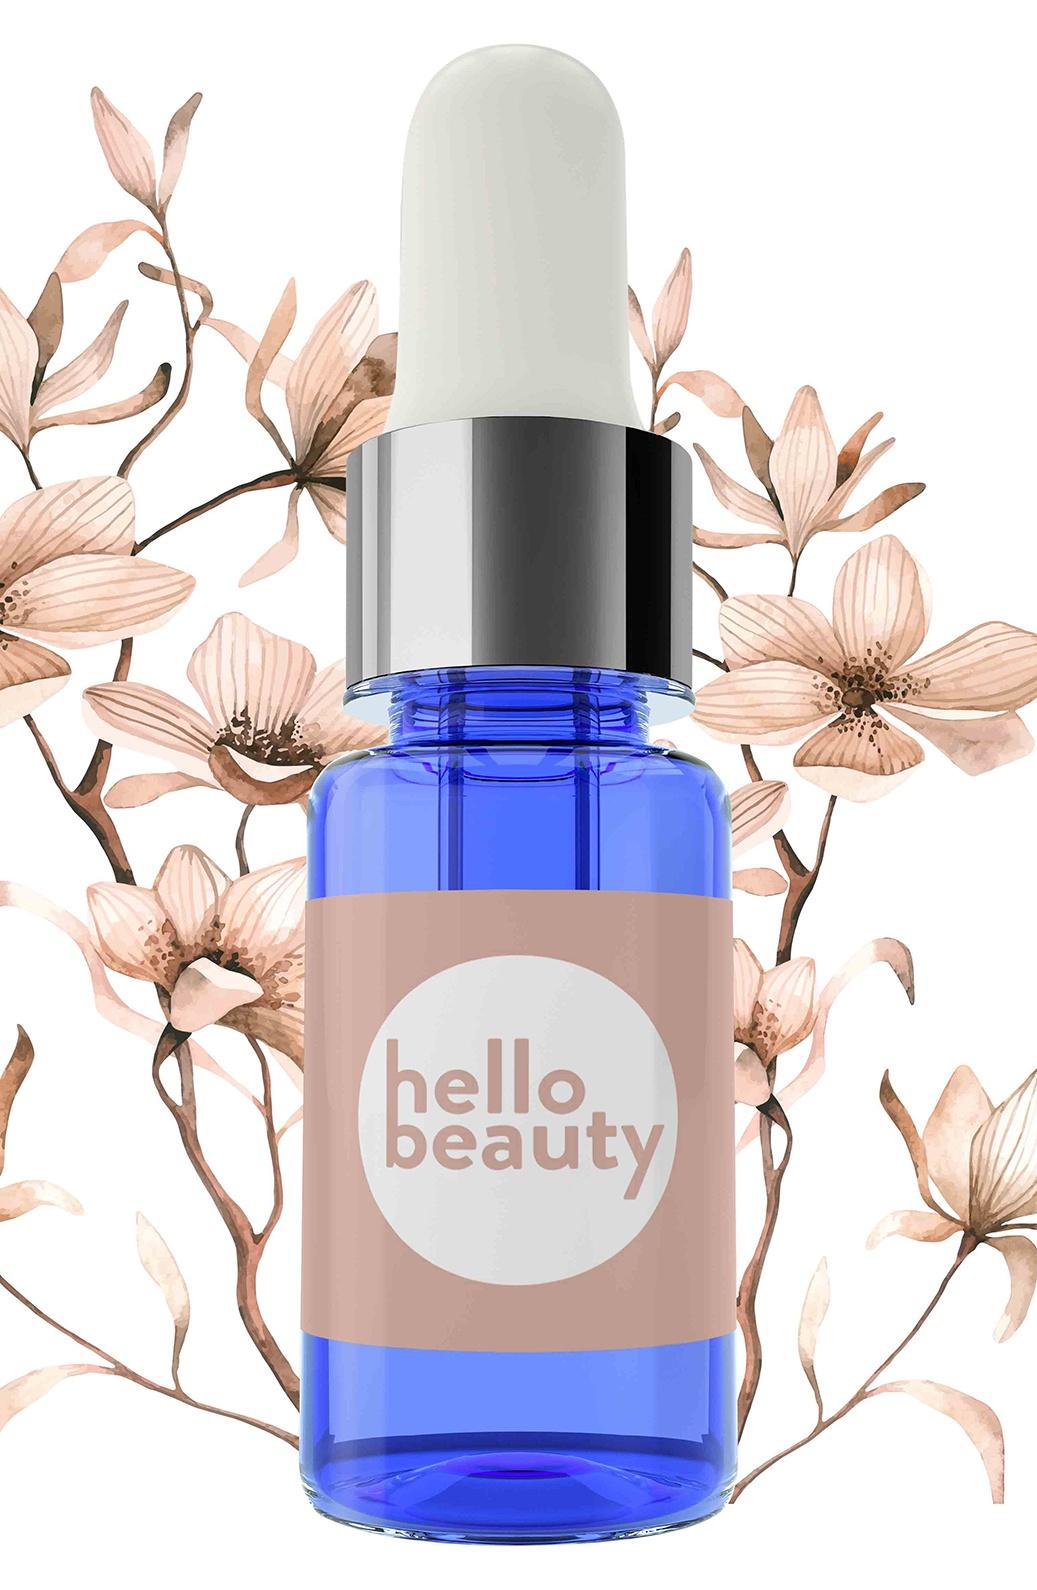 Сыворотка для лица Hello Beauty, для кожи вокруг глаз, 10 мл сыворотка для кожи вокруг глаз экстракты ценных азиатских растений